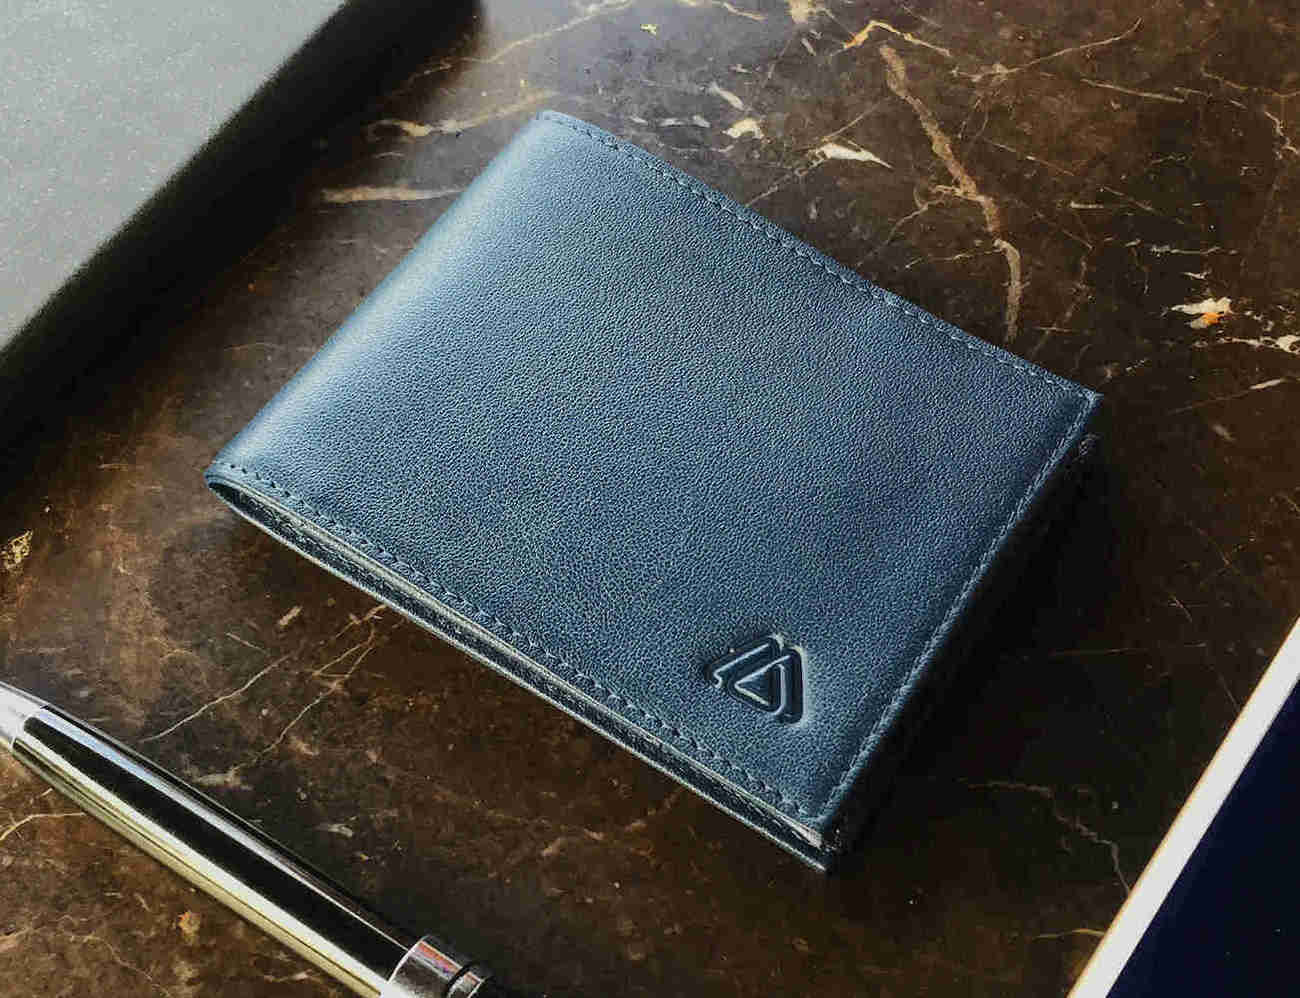 Deuce+Wallet+%26%238211%3B+The+Best+2-in-1+Minimalist+Bifold+RFID+Wallet